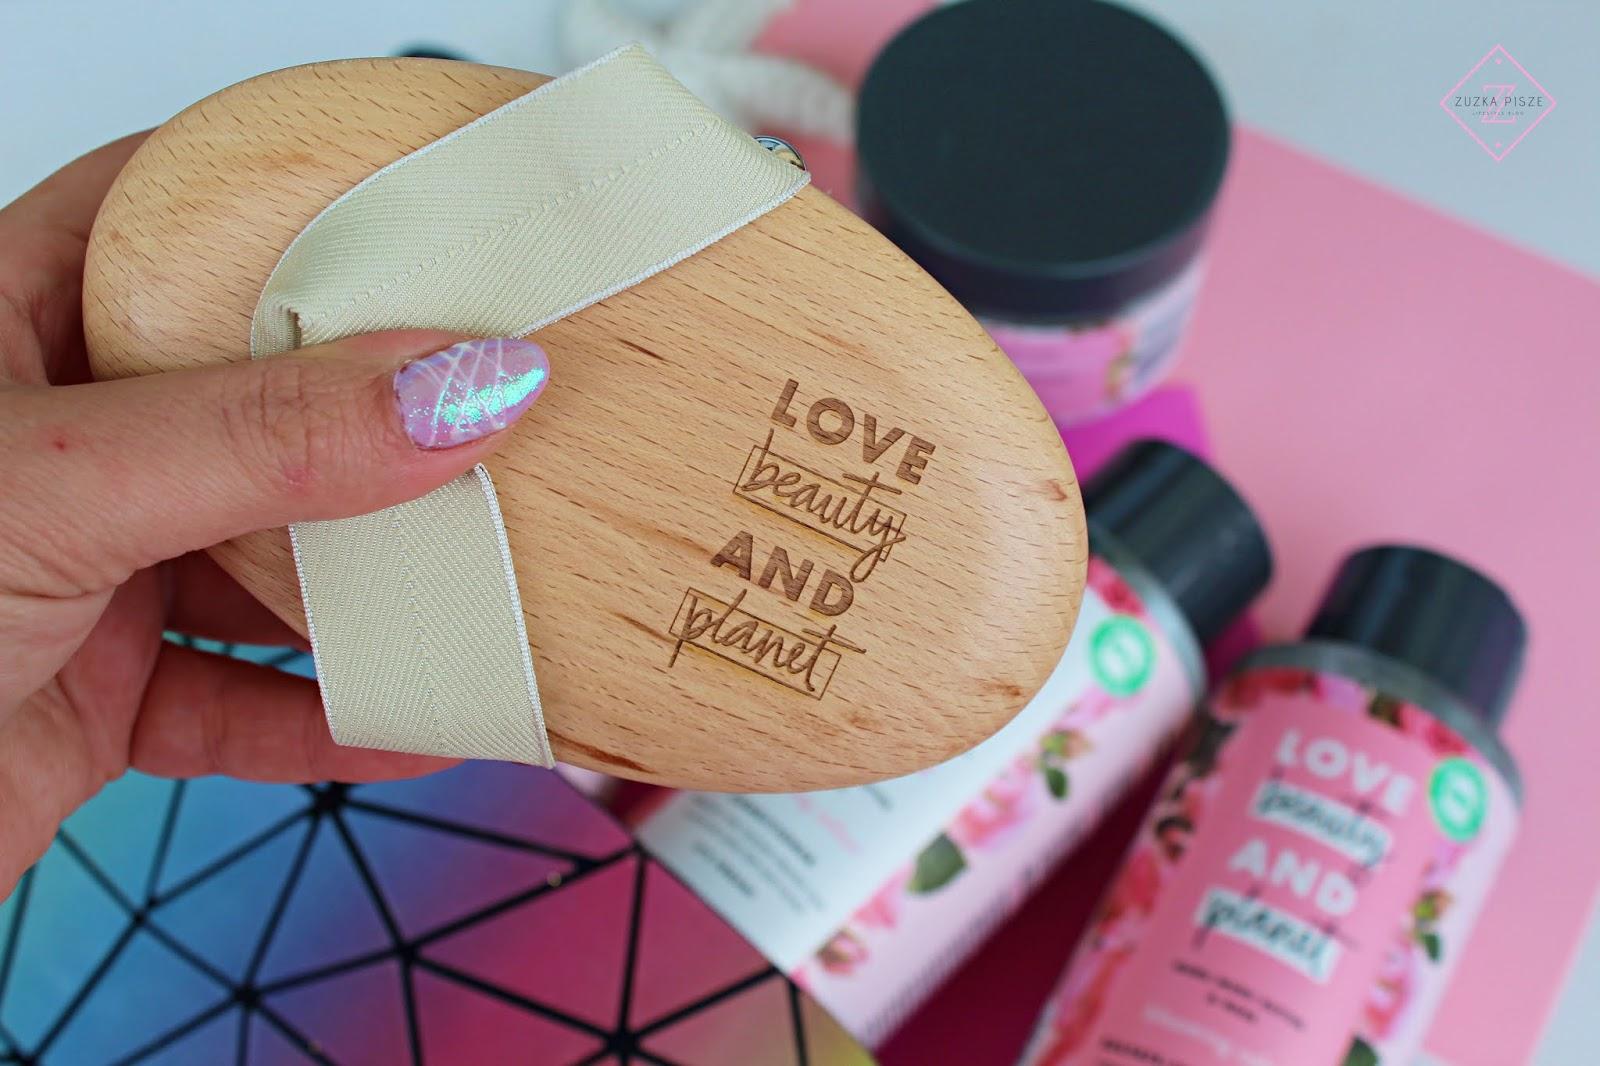 Wypróbuj Love Beauty and Planet – drugi produkt za darmo! - tylko w drogeriach Rossmann